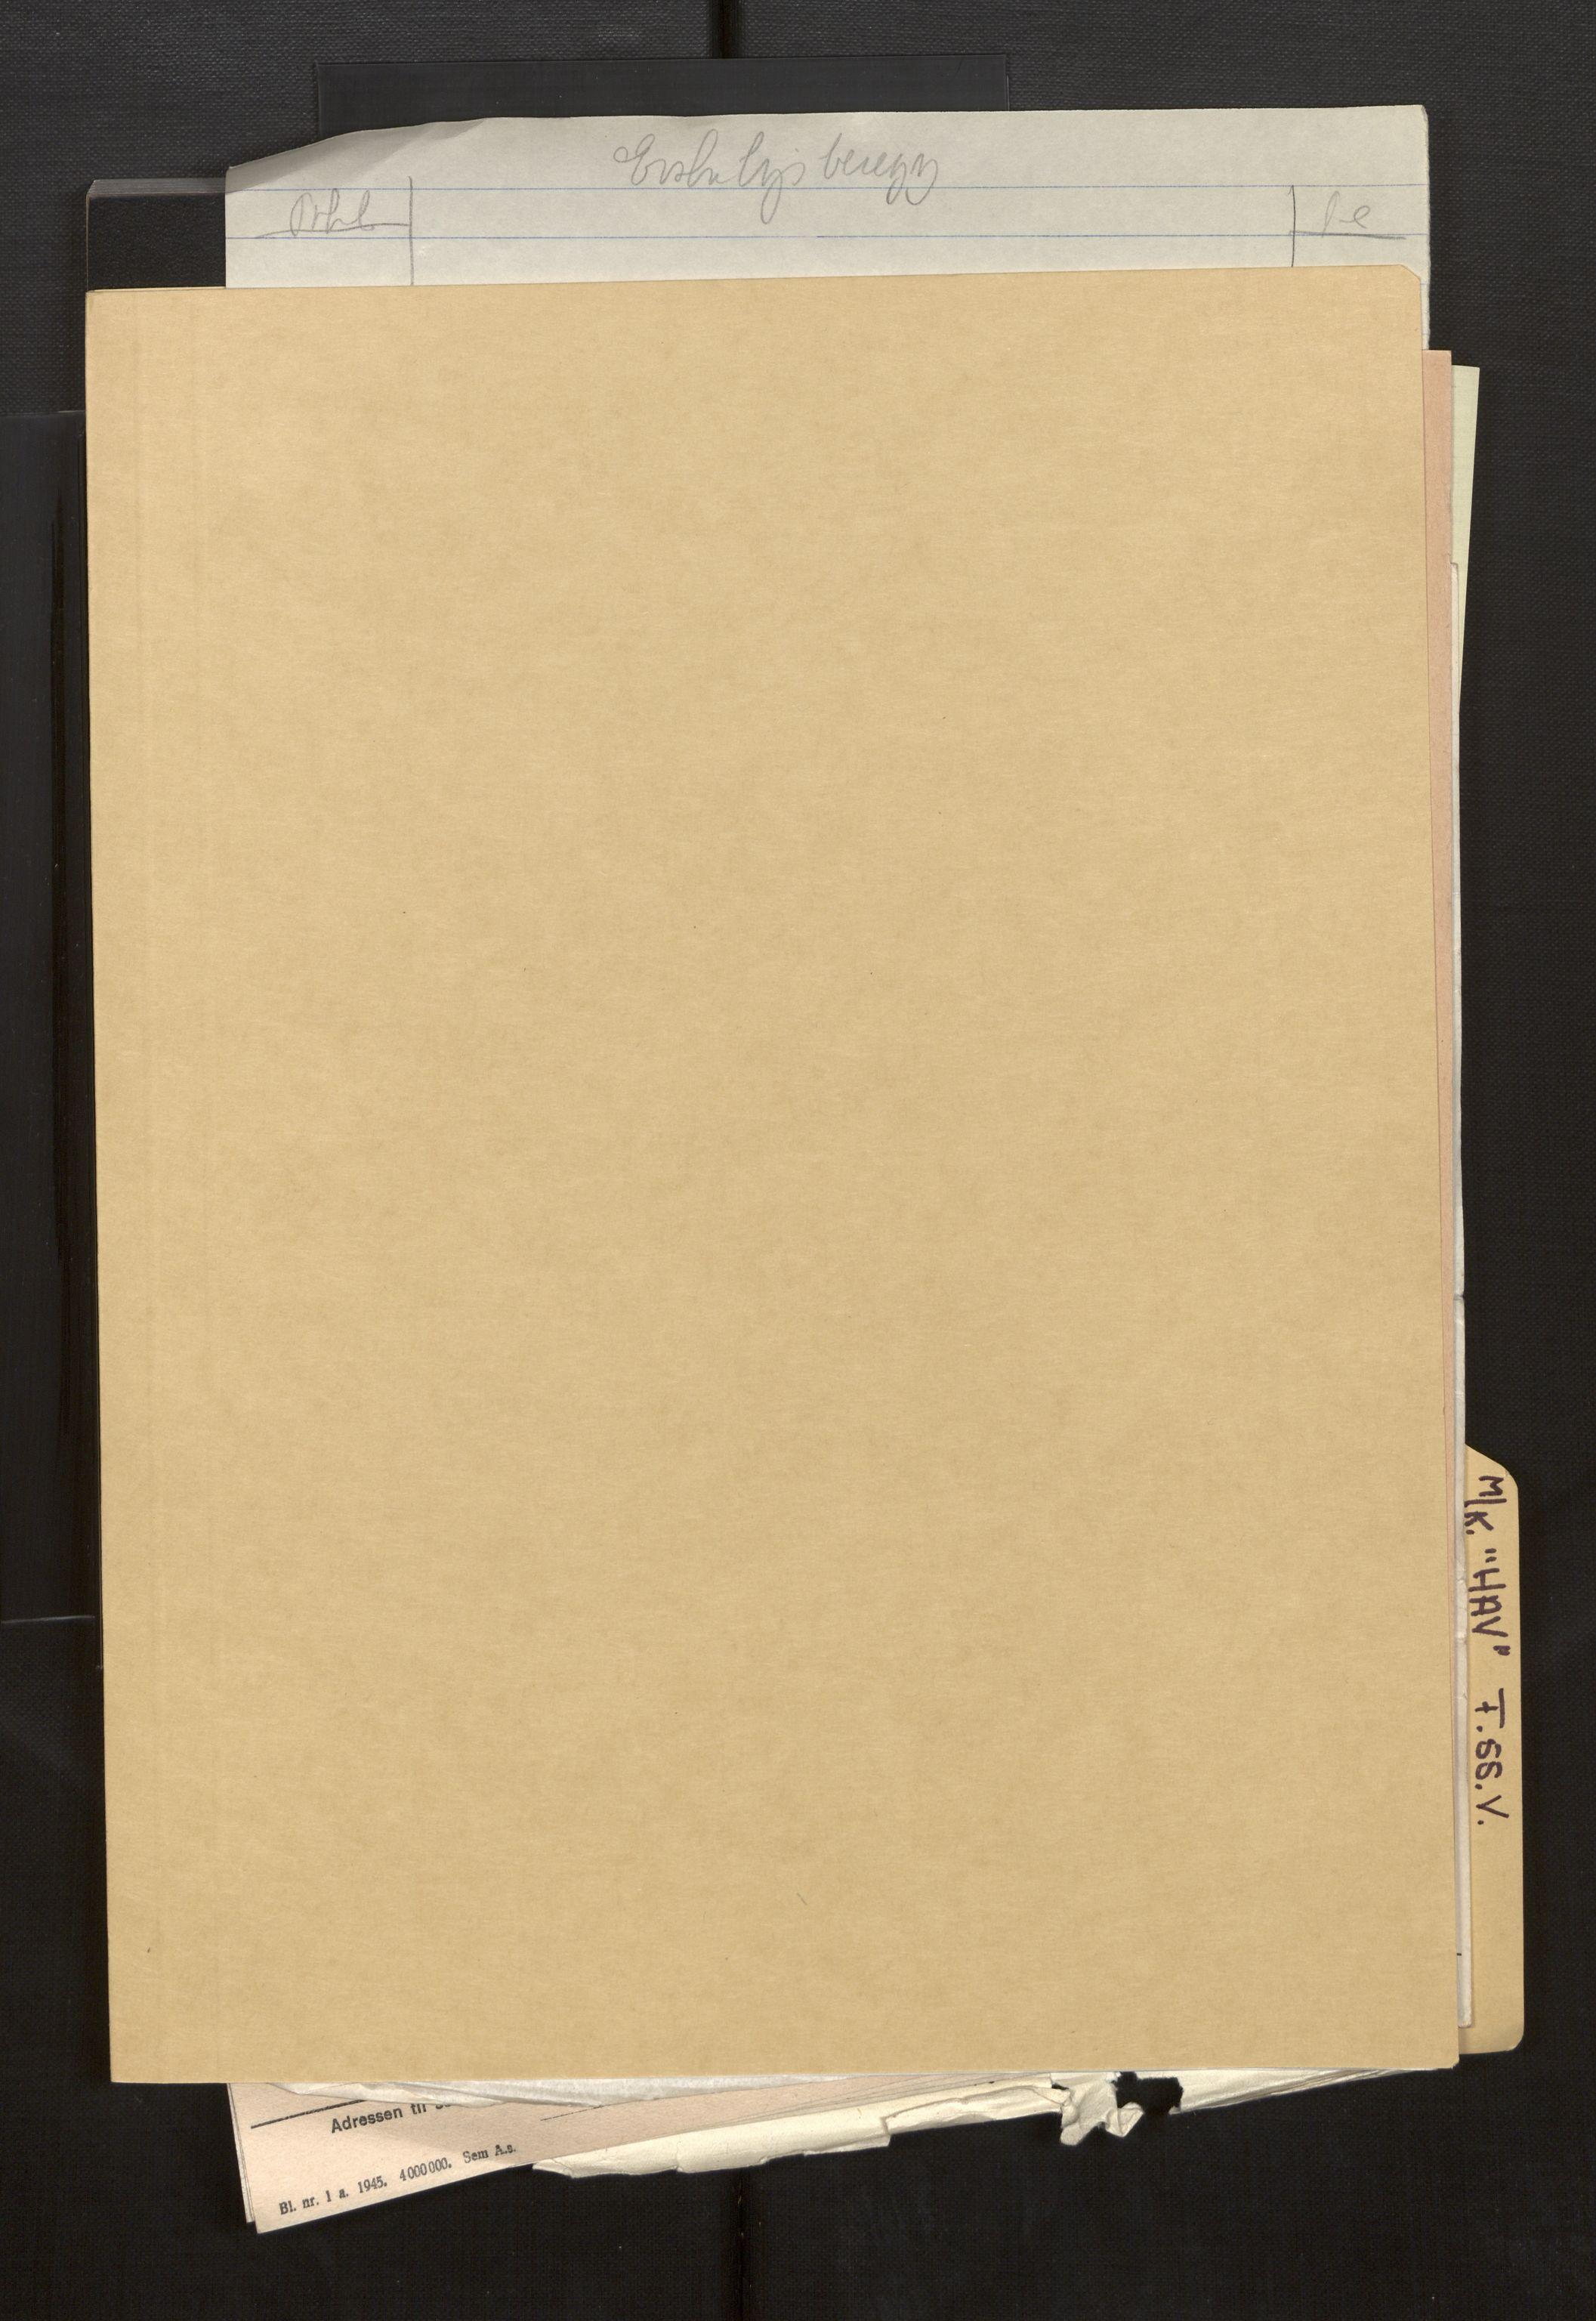 SAB, Fiskeridirektoratet - 1 Adm. ledelse - 13 Båtkontoret, La/L0042: Statens krigsforsikring for fiskeflåten, 1936-1971, s. 762